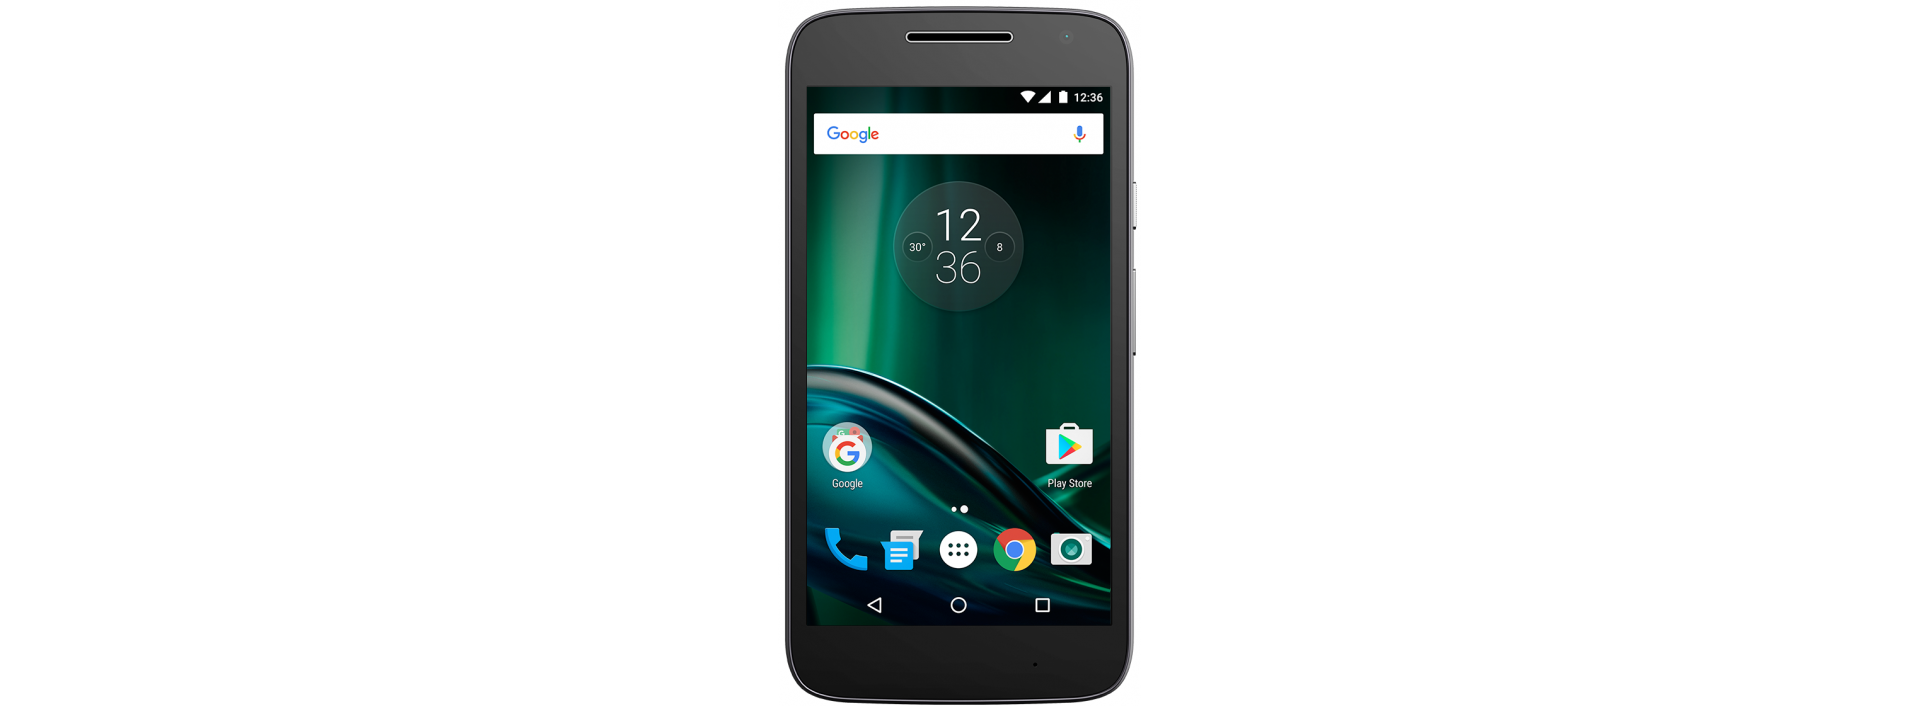 Fundas PERSONALIZADAS Motorola Moto G4 Play, Envío Gratis en TMS